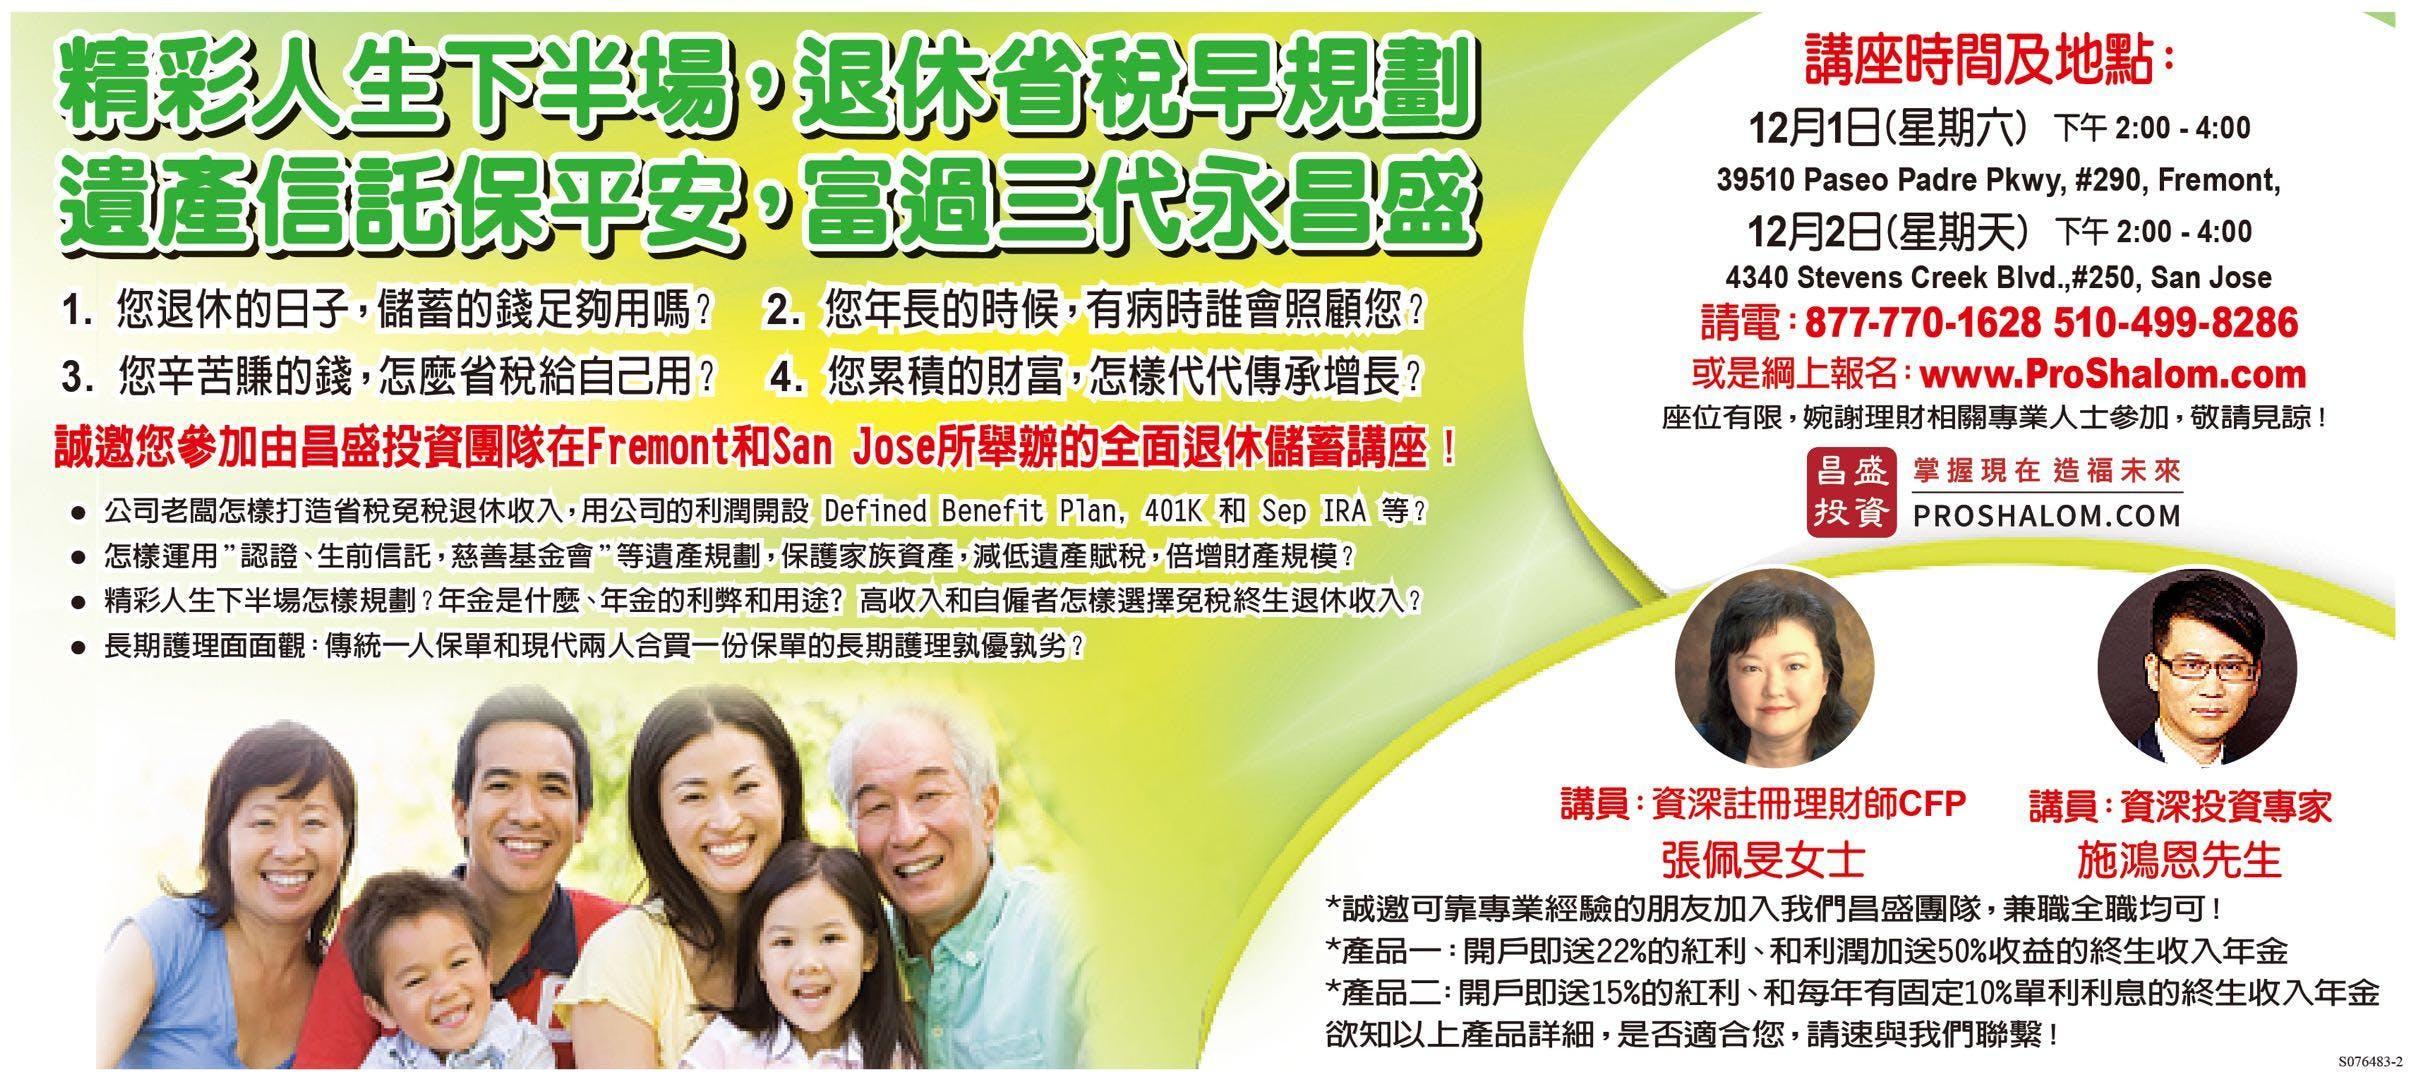 精彩人生下半場,退休省稅早規劃  遺產信託保平安,富過三代永昌盛 Retirement &